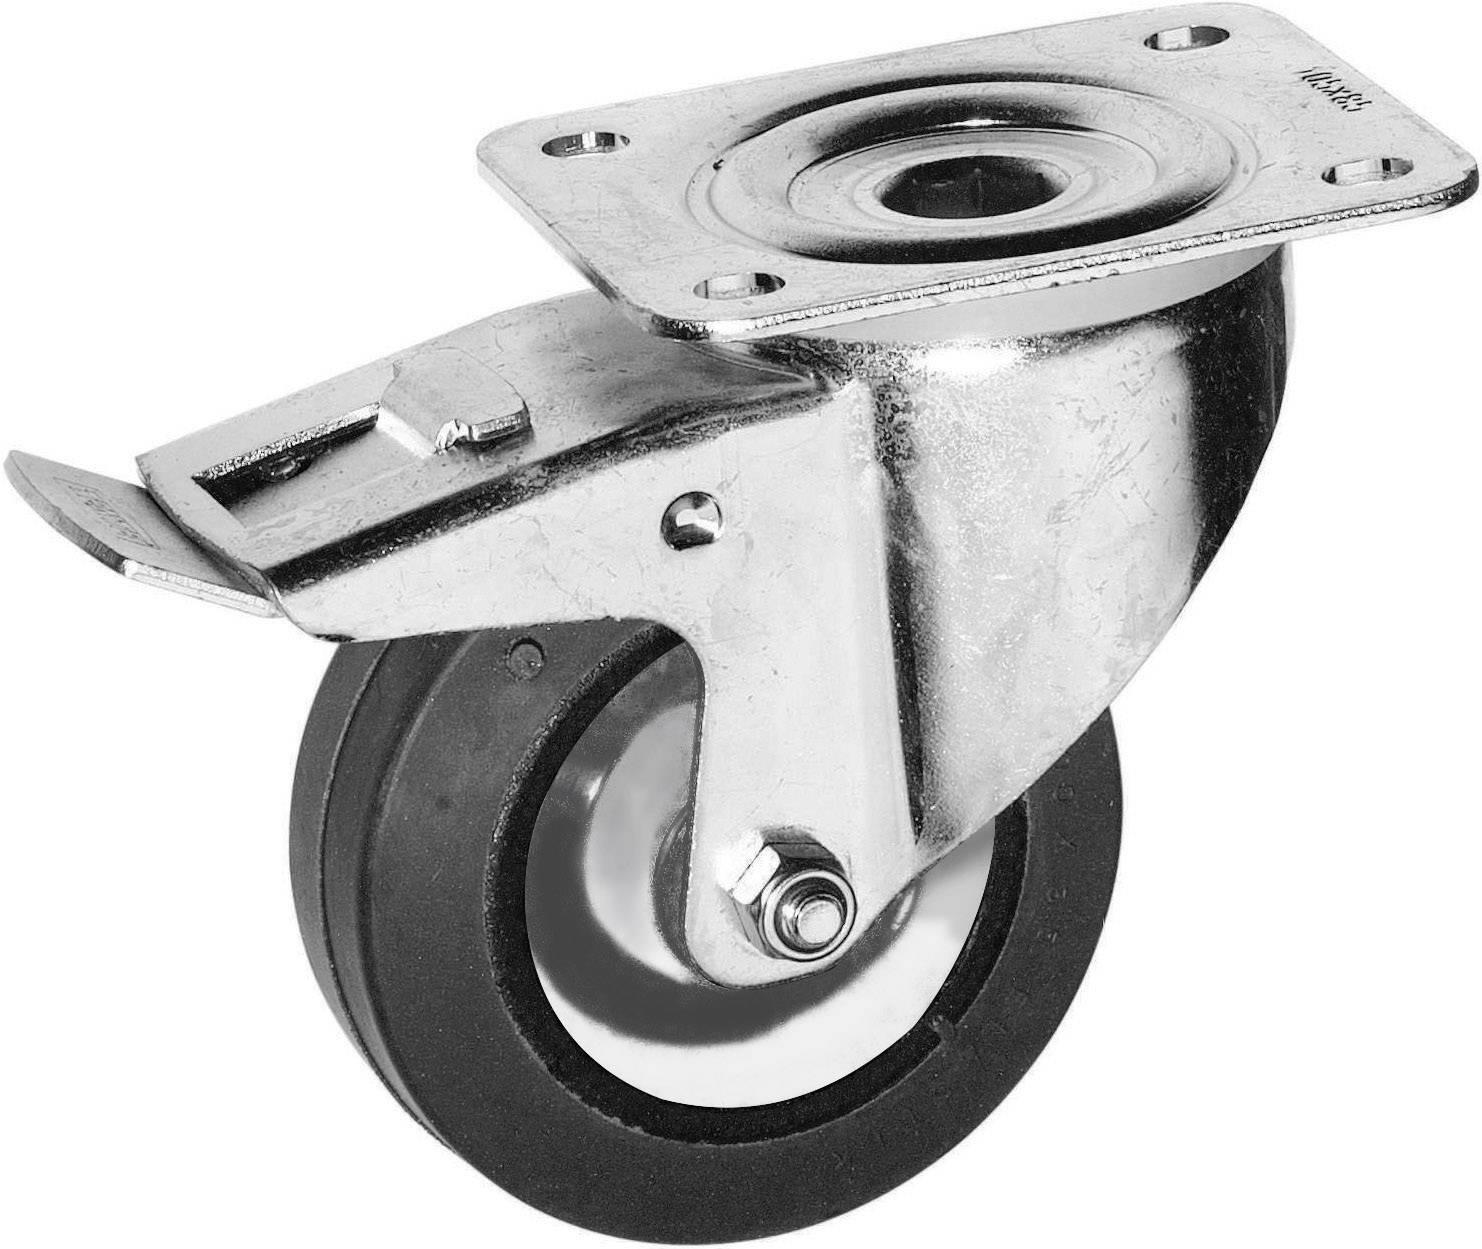 Koliesko s parkovacou brzdou Y96686, Ø kolesa 100 mm, Nosnosť (max.): 110 kg, 1 ks